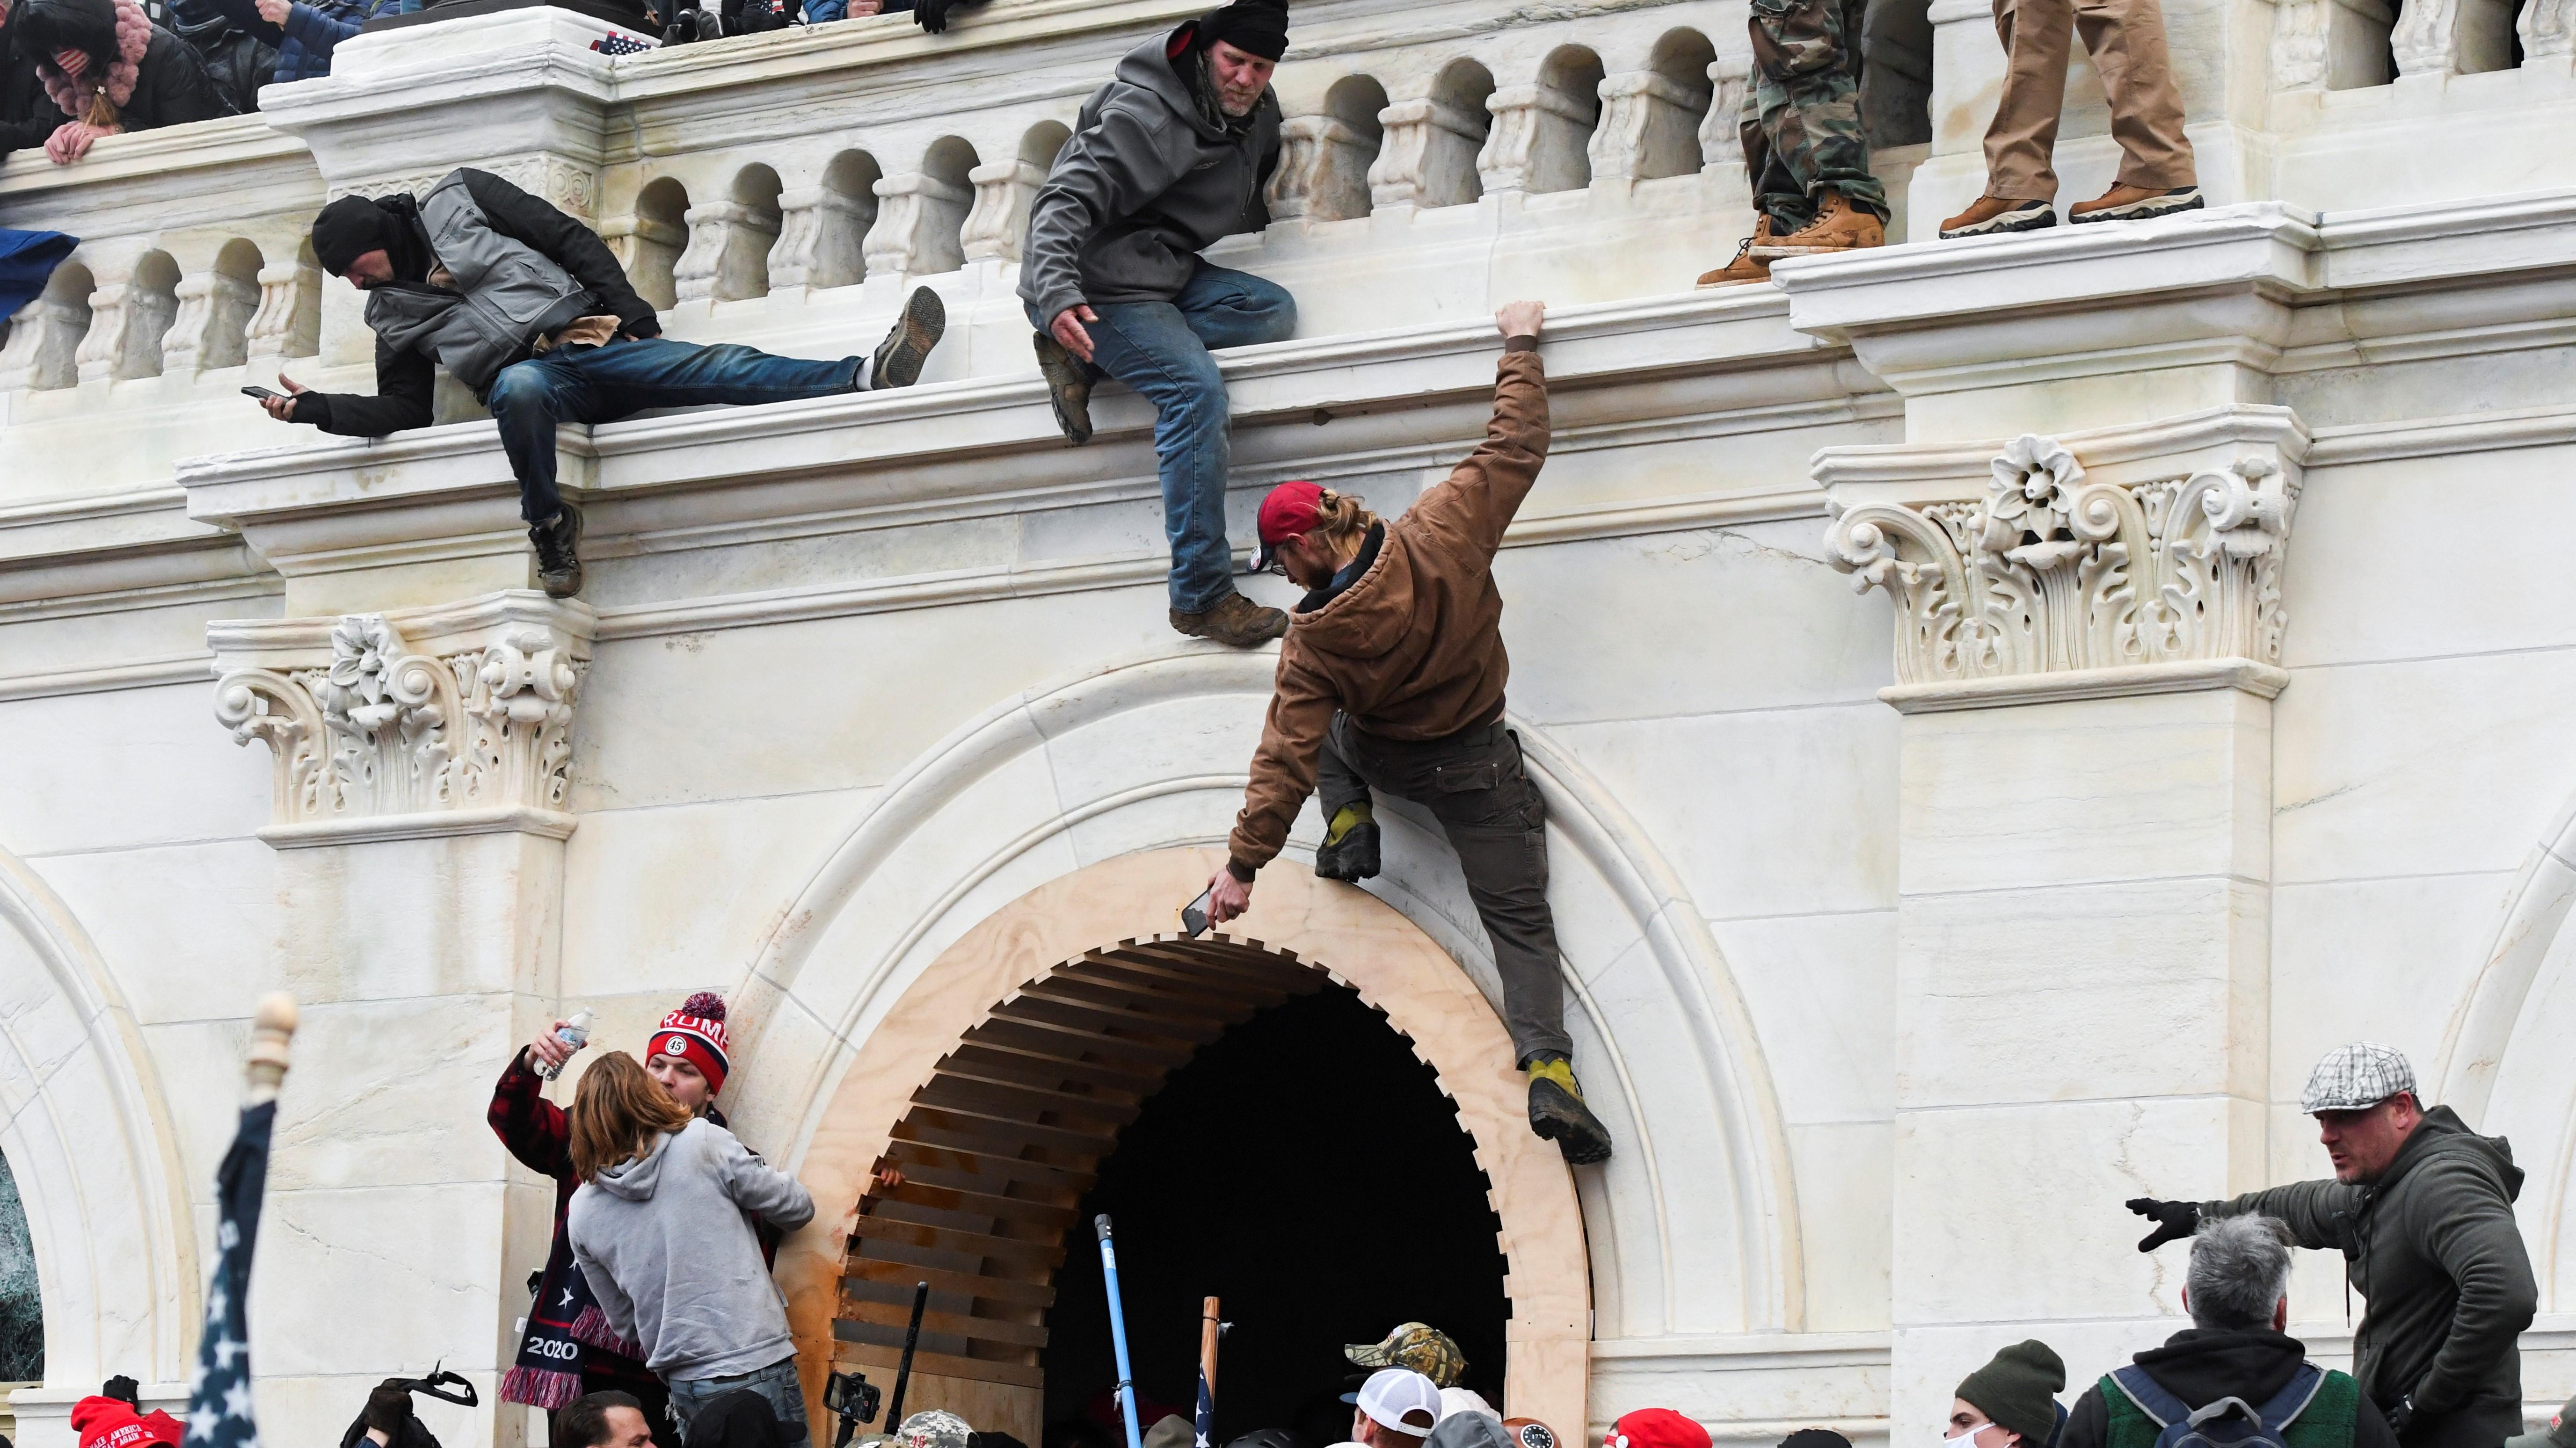 Manifestantes invadem o Capitólio, sede do Congresso dos EUA